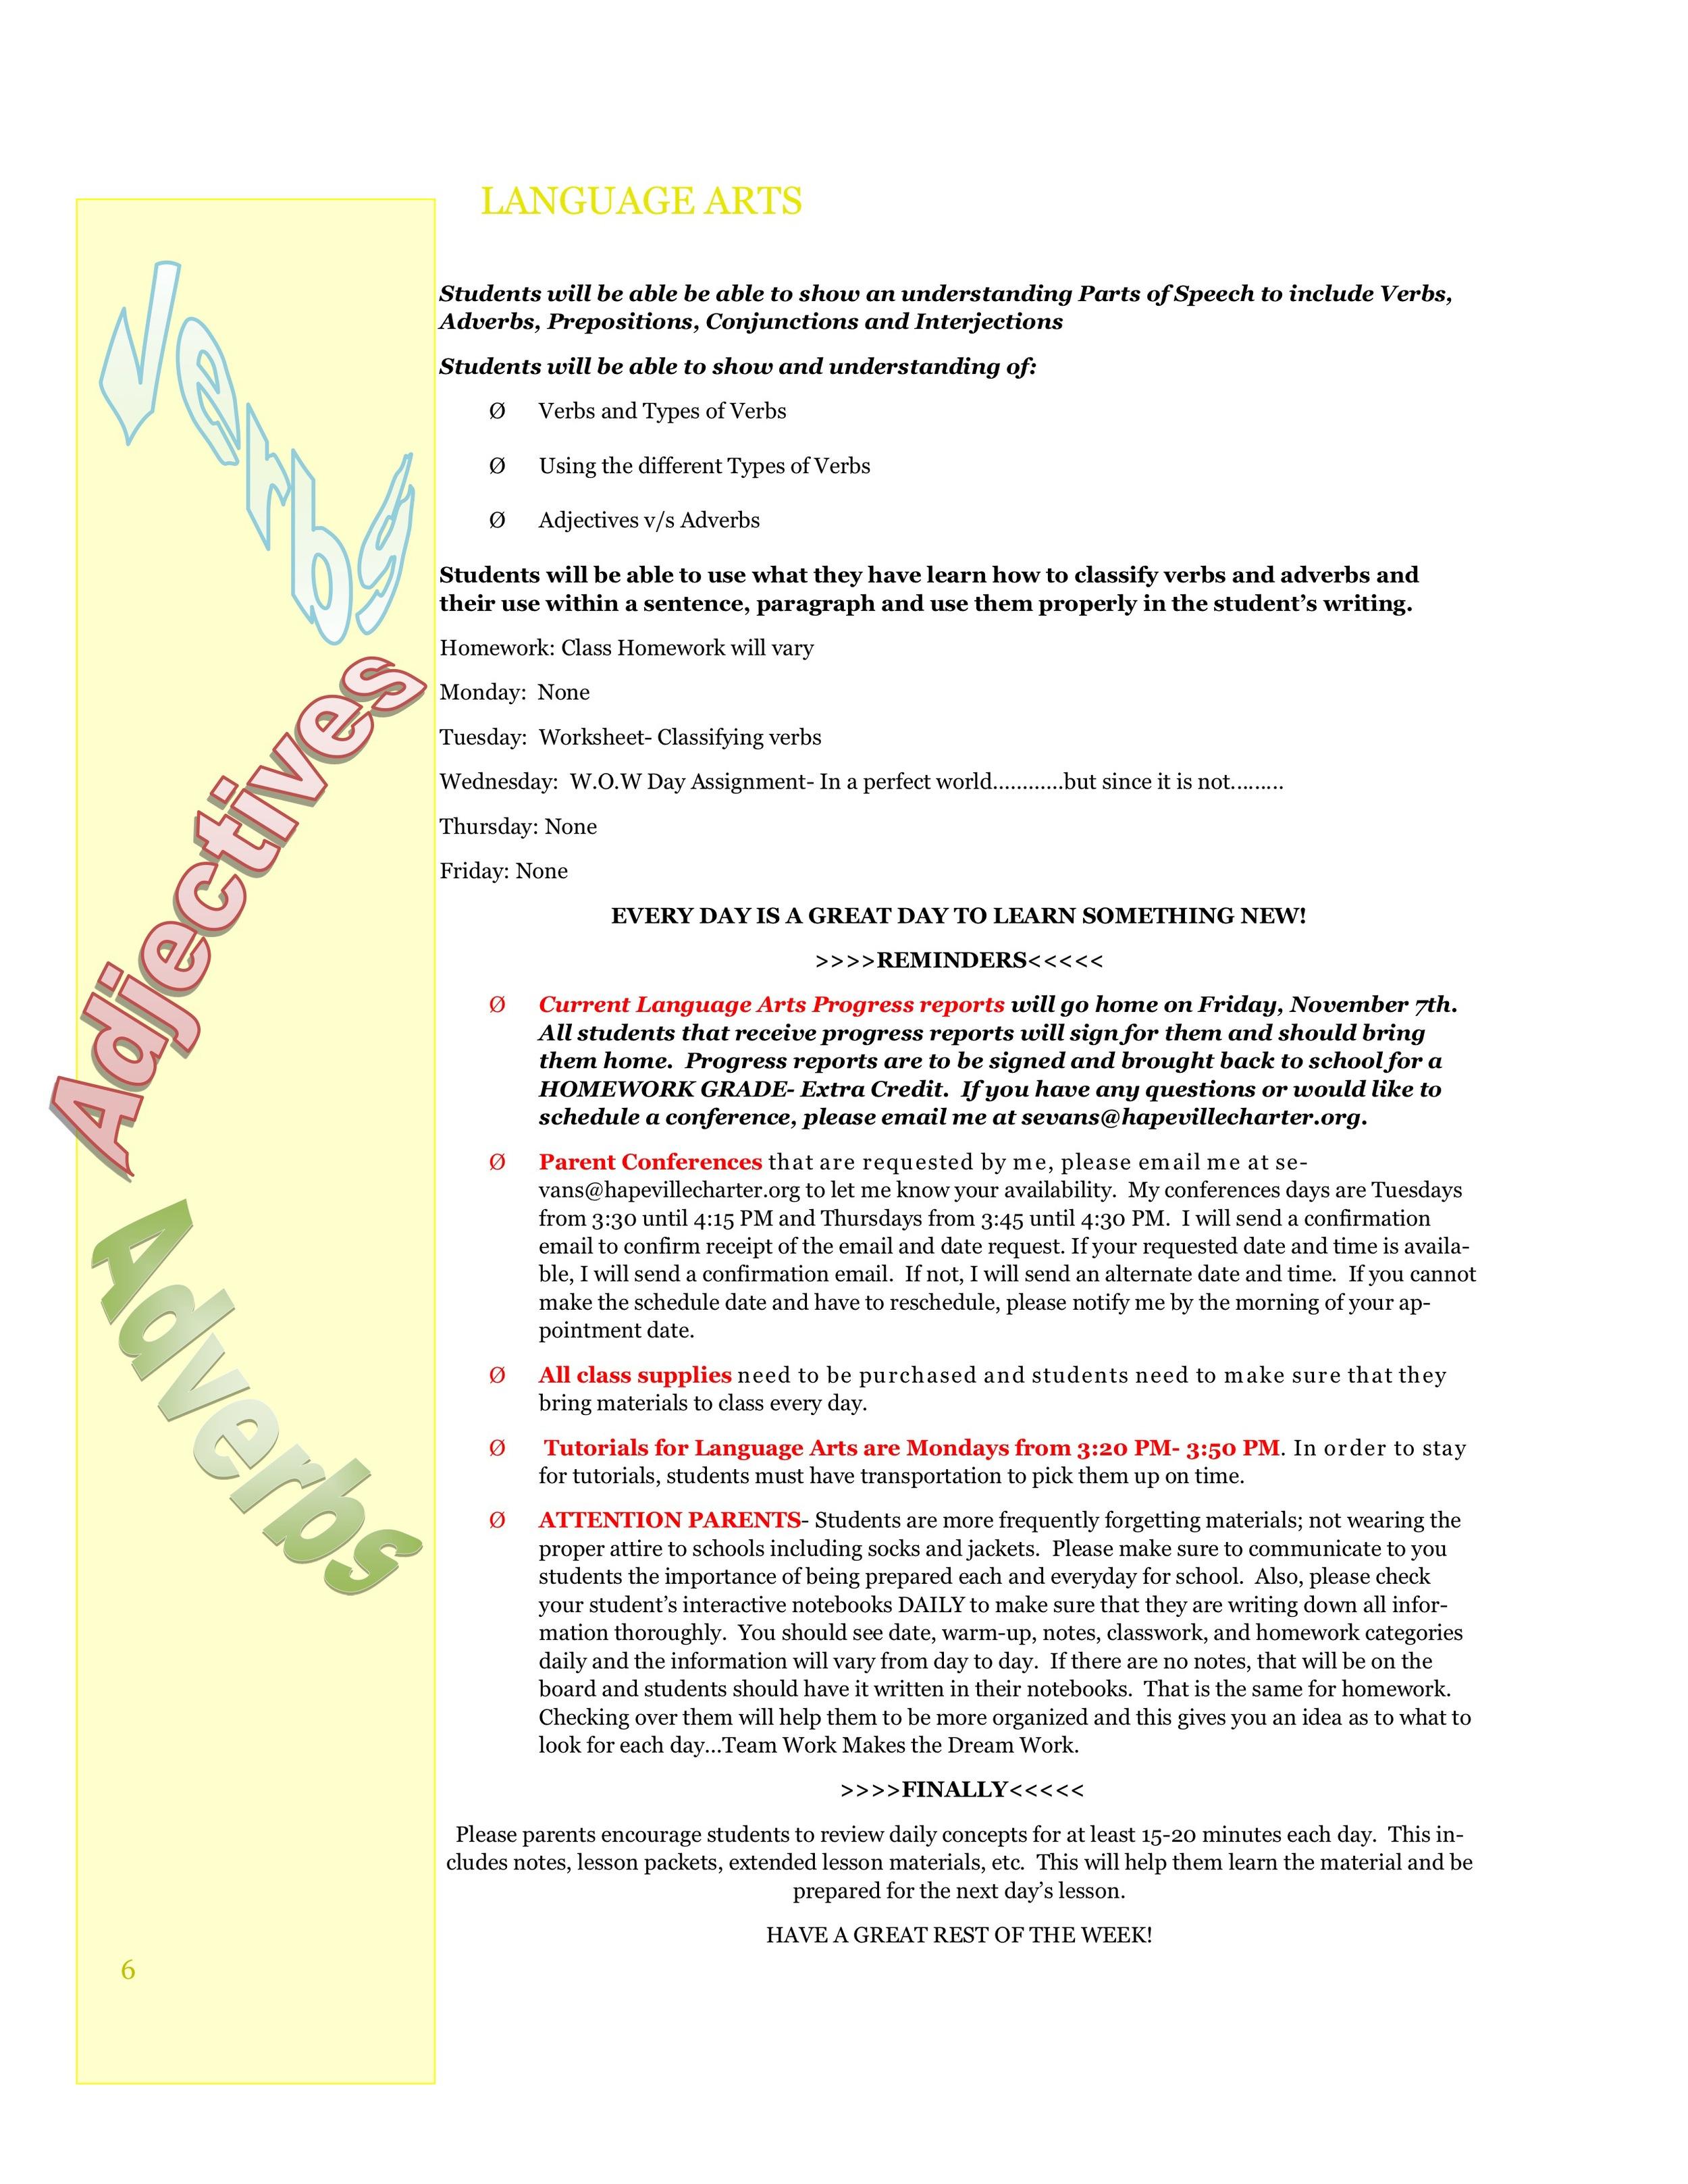 Newsletter ImageNovember 3-7 6.jpeg